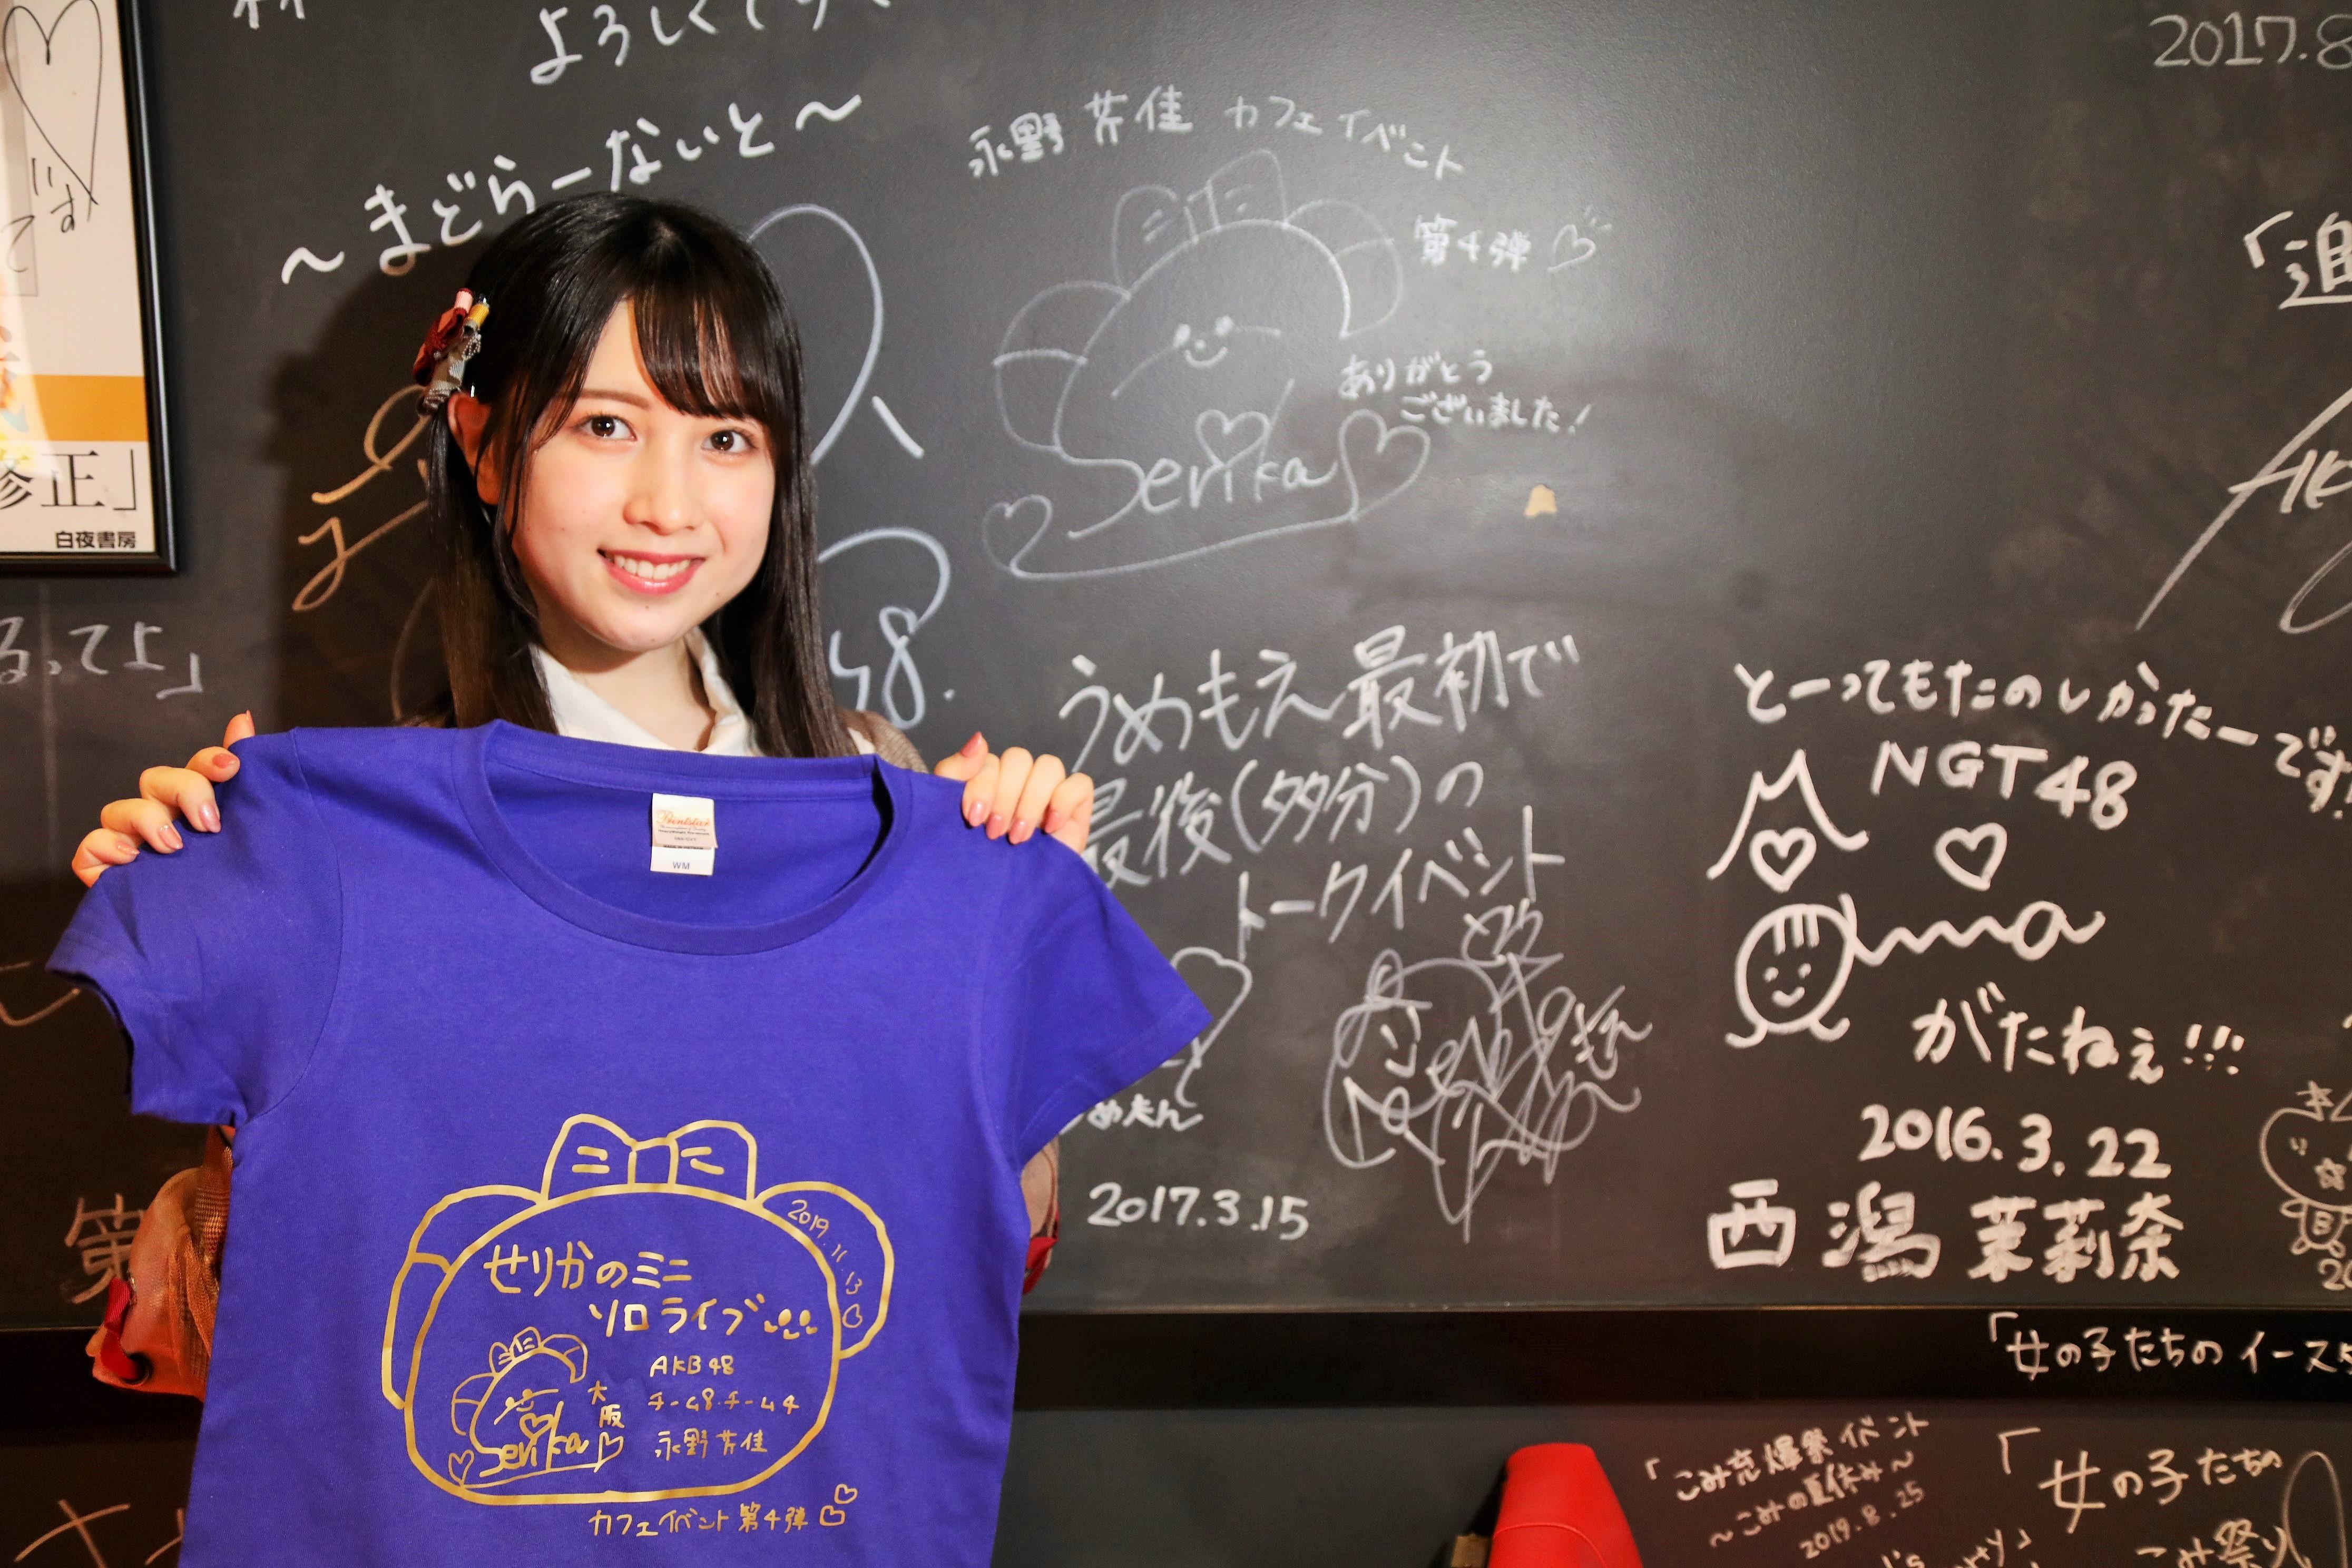 ソロイベントの記念Tシャツを披露する永野芹佳